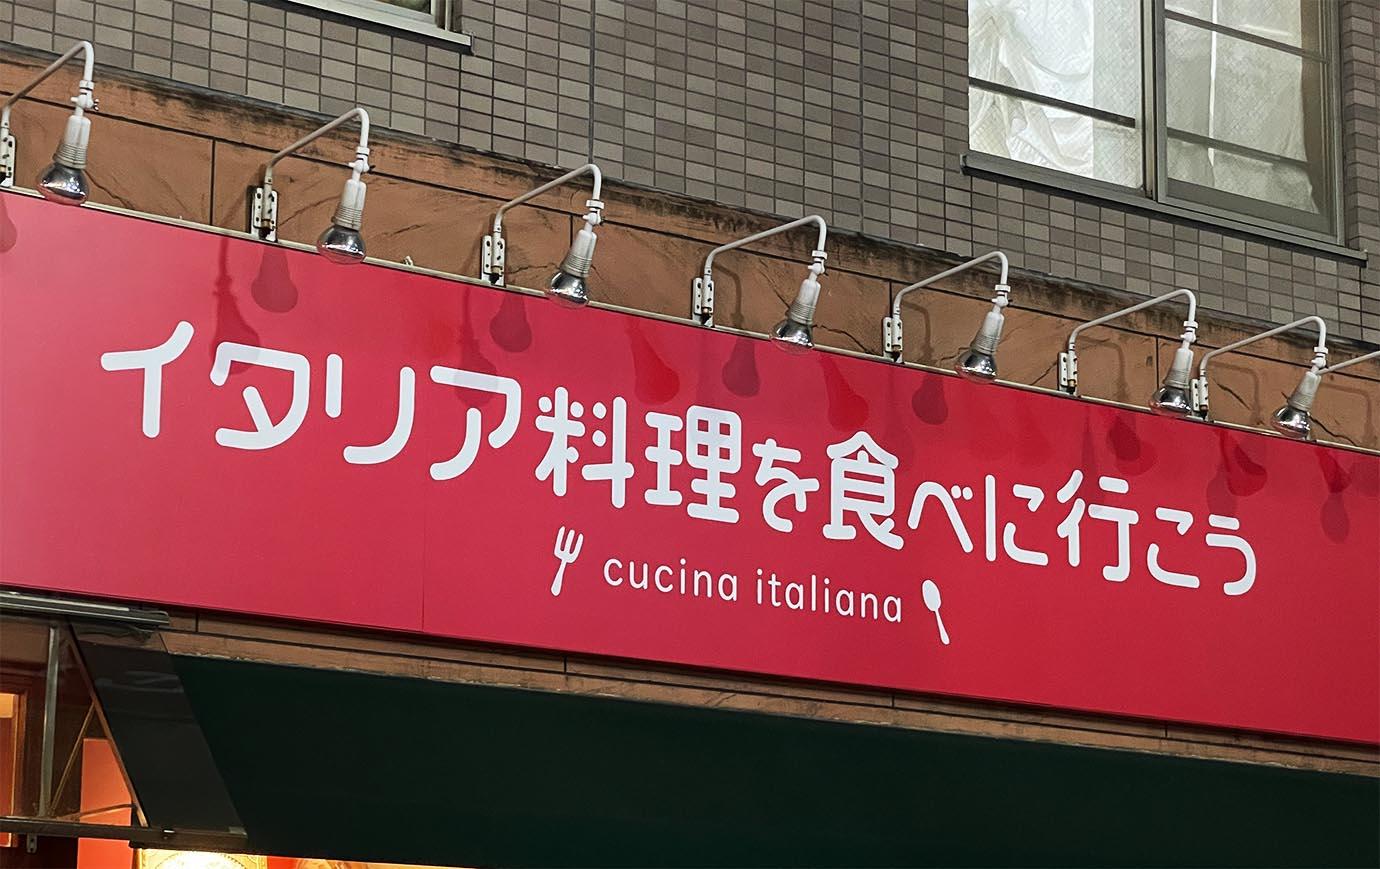 jojo-lets-go-eat-italian-food15